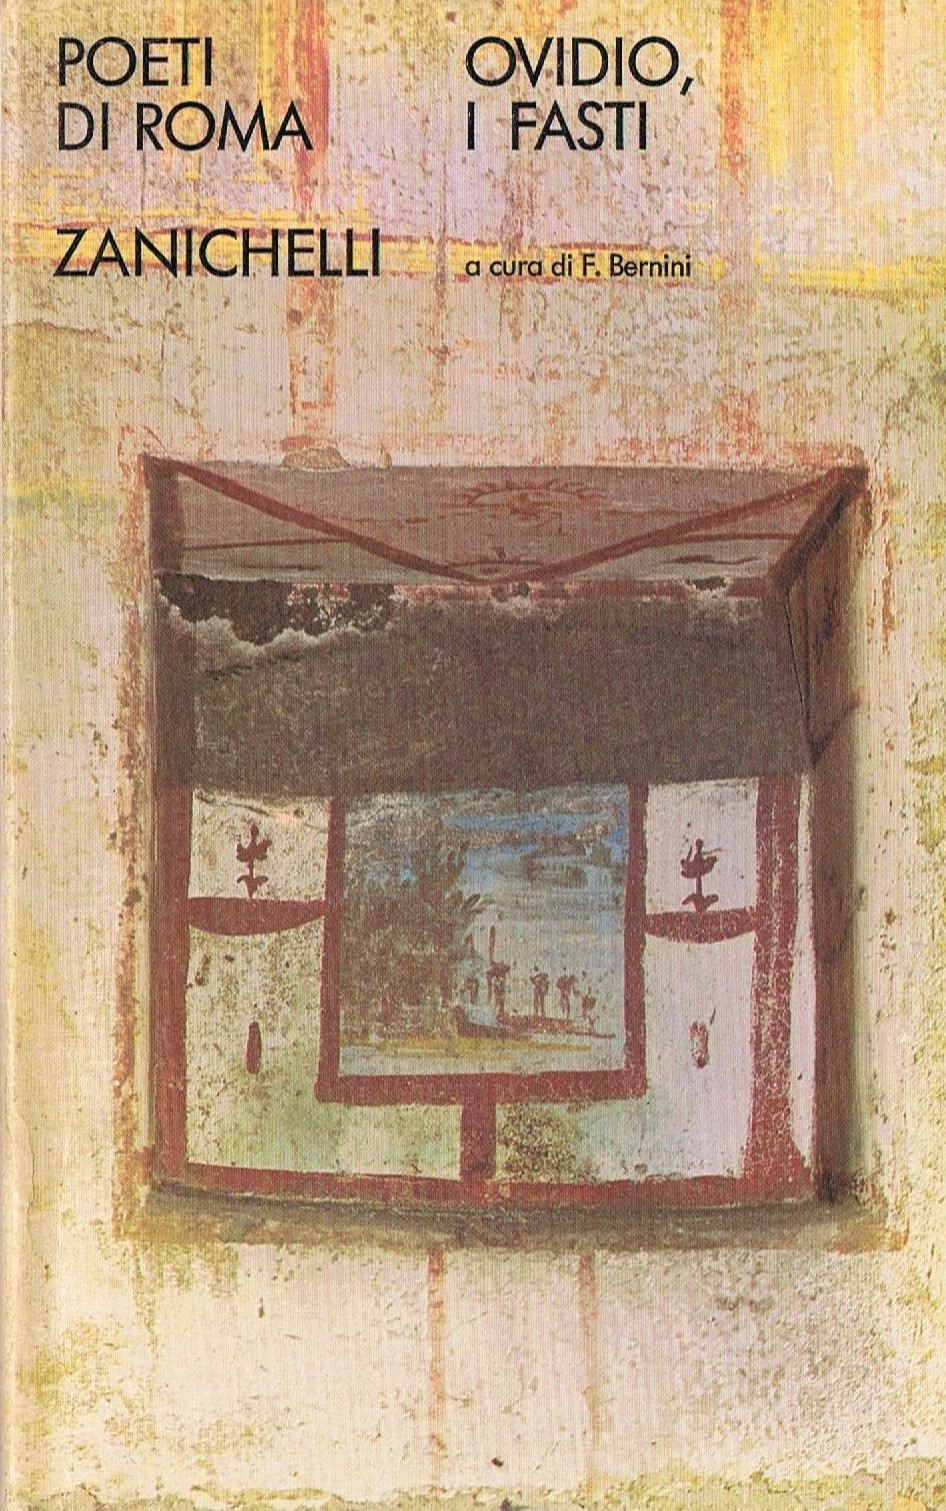 Ovidio I fasti